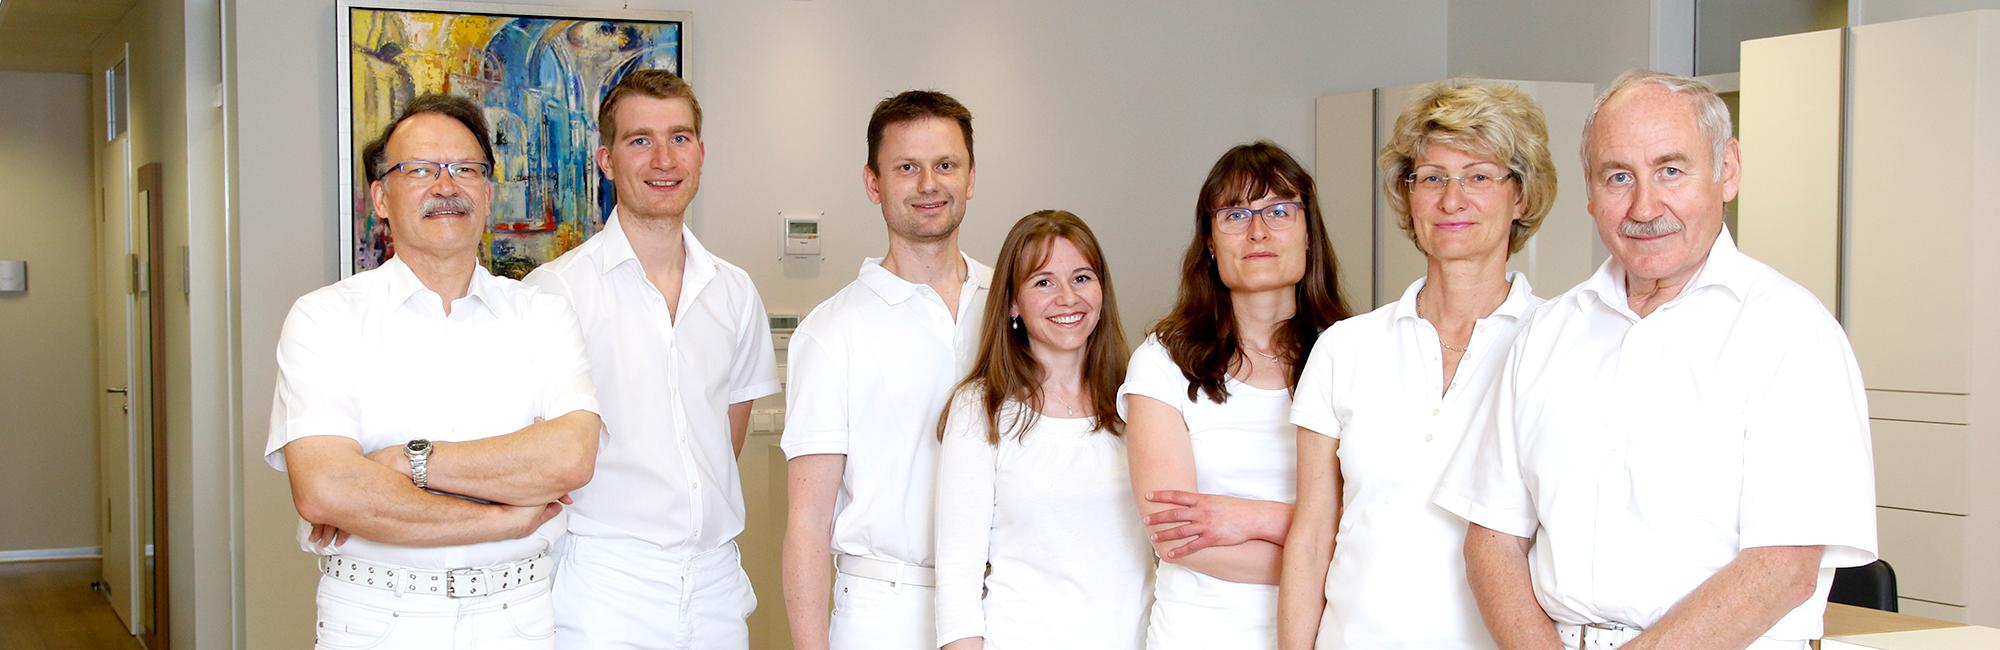 aerzte-team